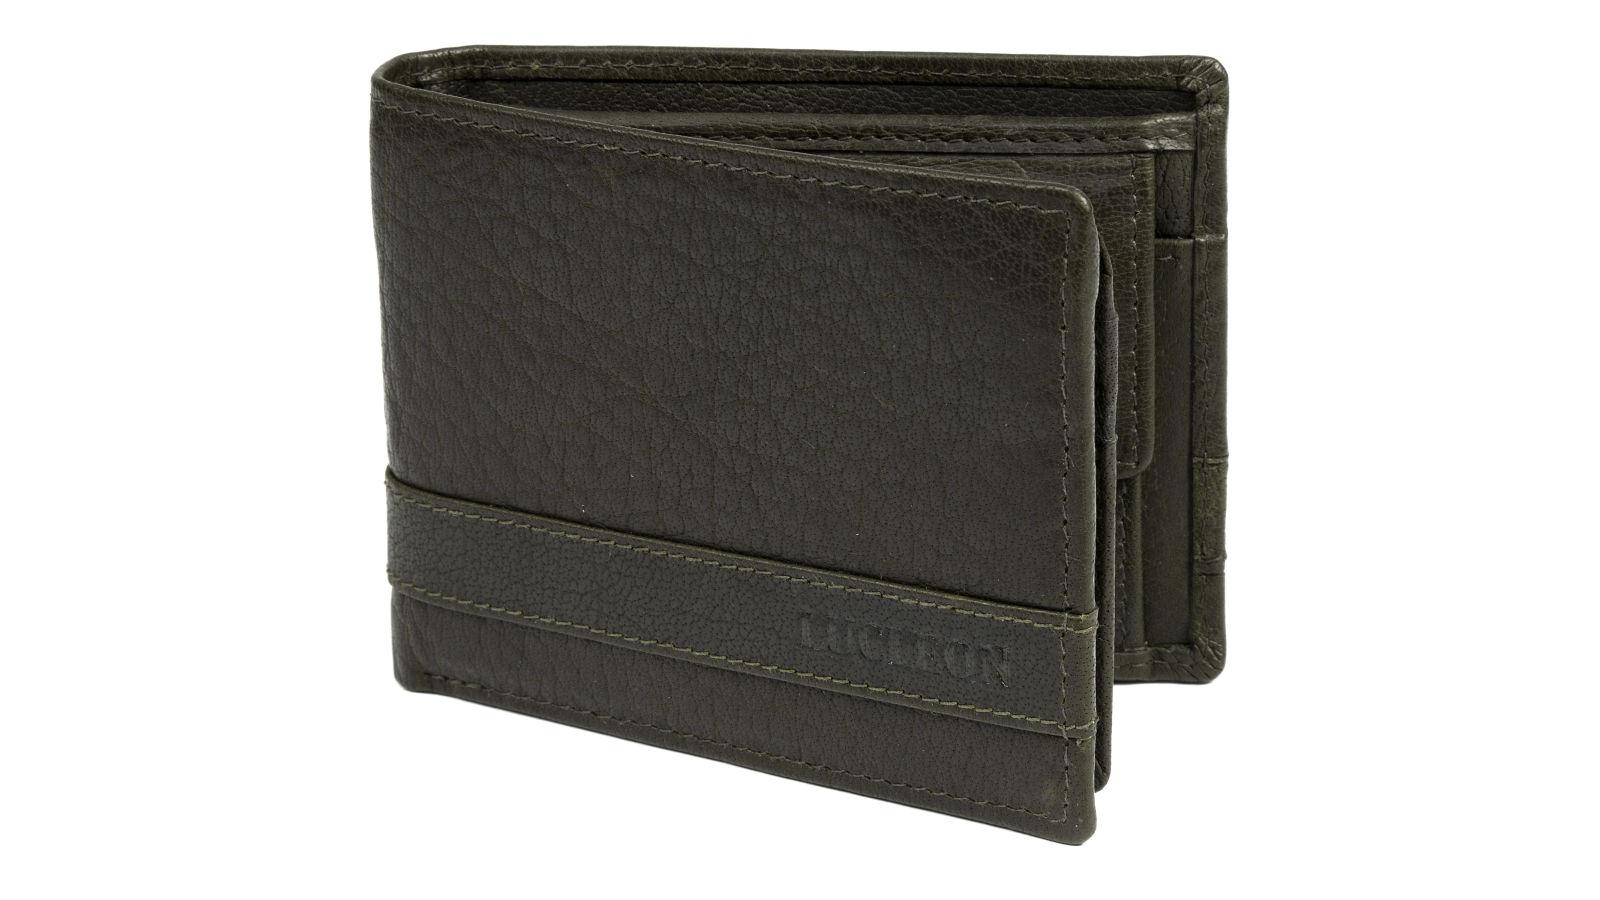 portefeuille montreal deux volets en cuir vert olive rfid port gratuit lucleon. Black Bedroom Furniture Sets. Home Design Ideas